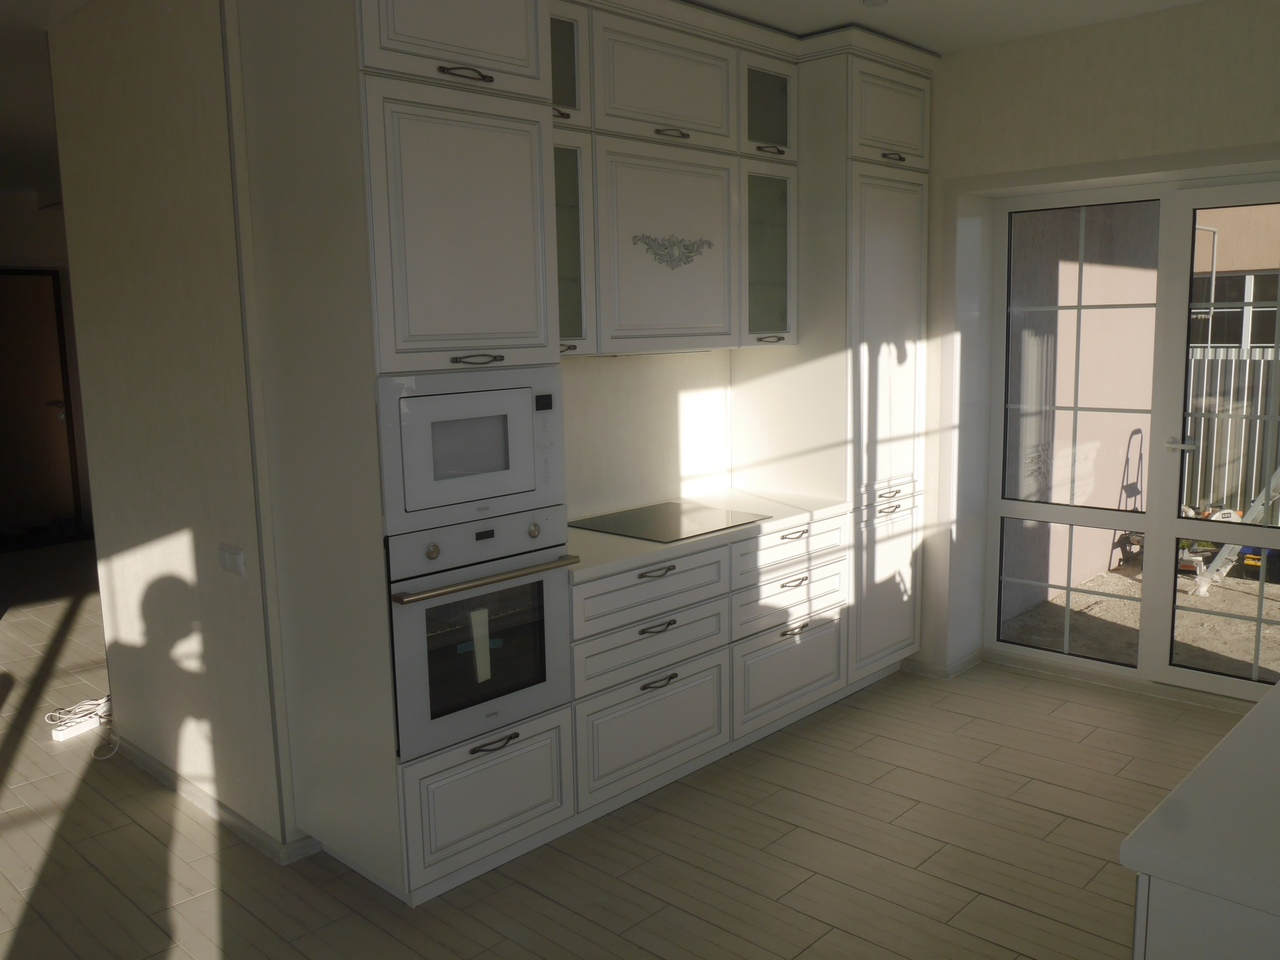 Закончили монтаж кухонного гарнитура в классическом стиле.